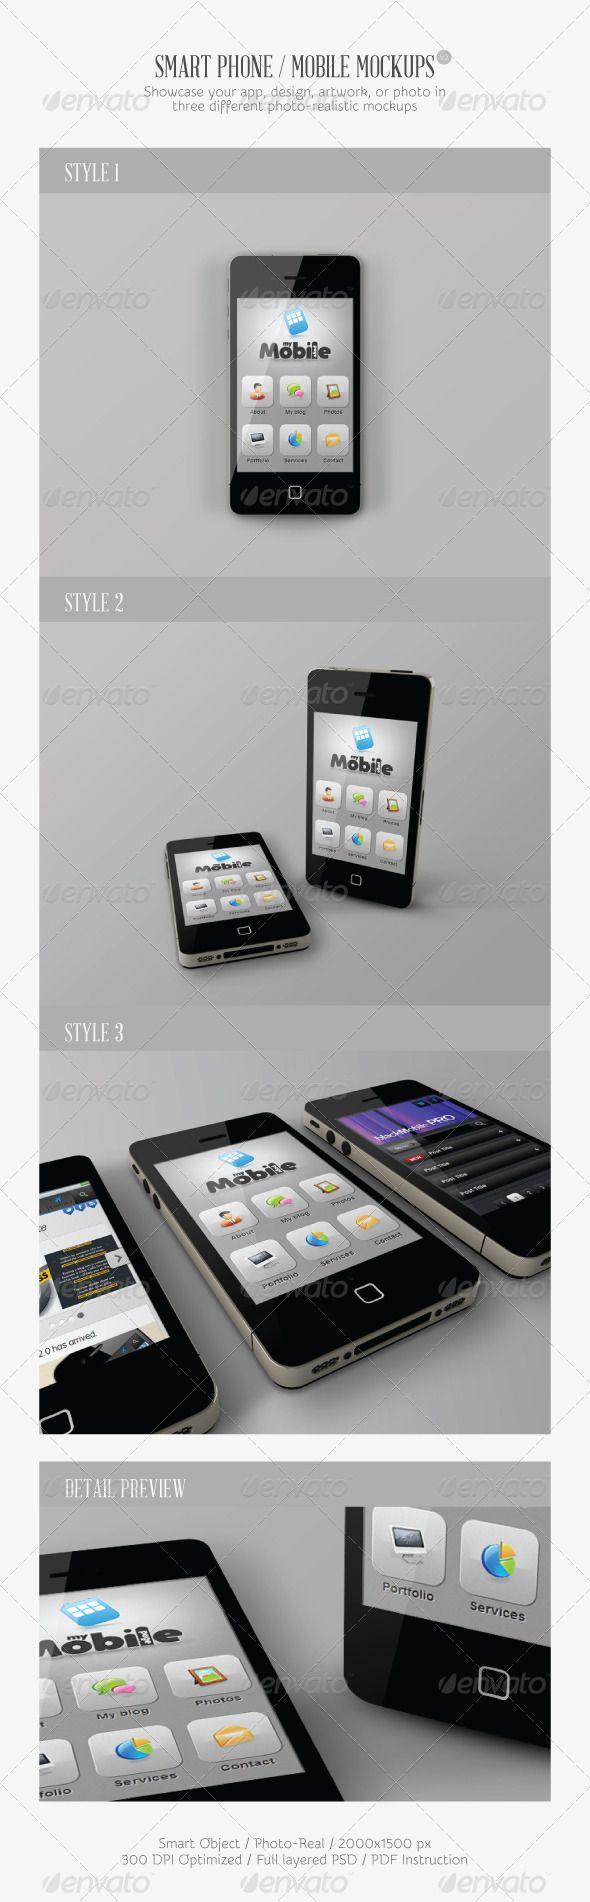 Smart Phone / Mobile Mock-ups V2 - GraphicRiver Item for Sale